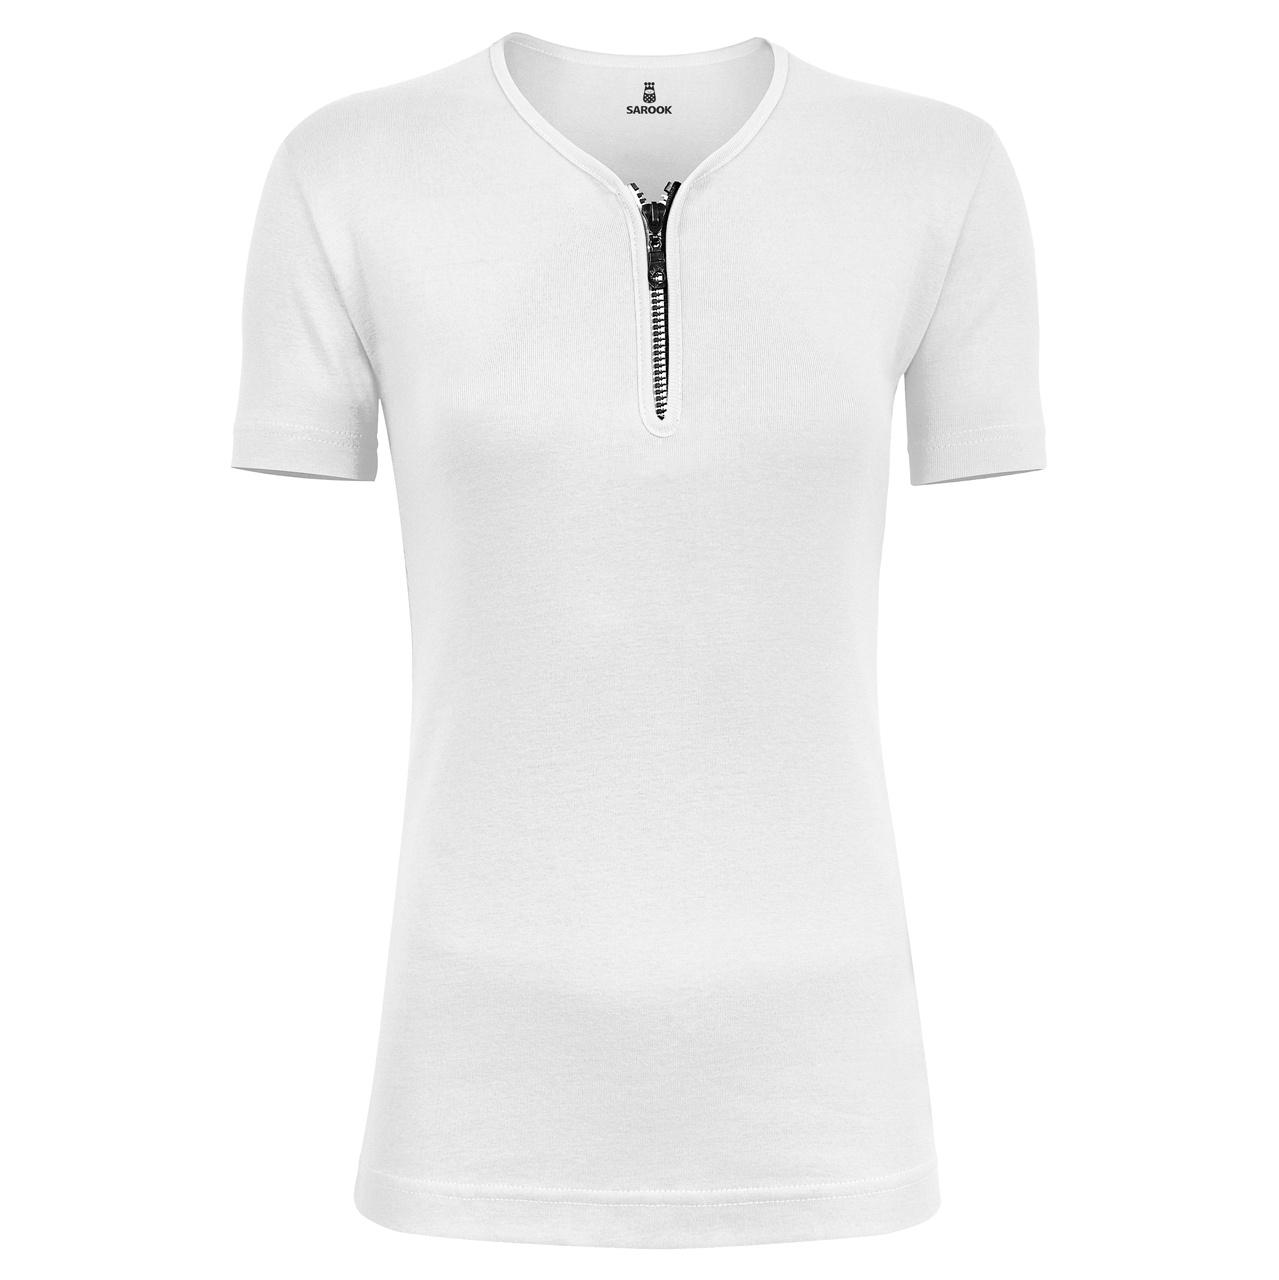 تی شرت نه زیپ دار ساروک مدل U کد 09